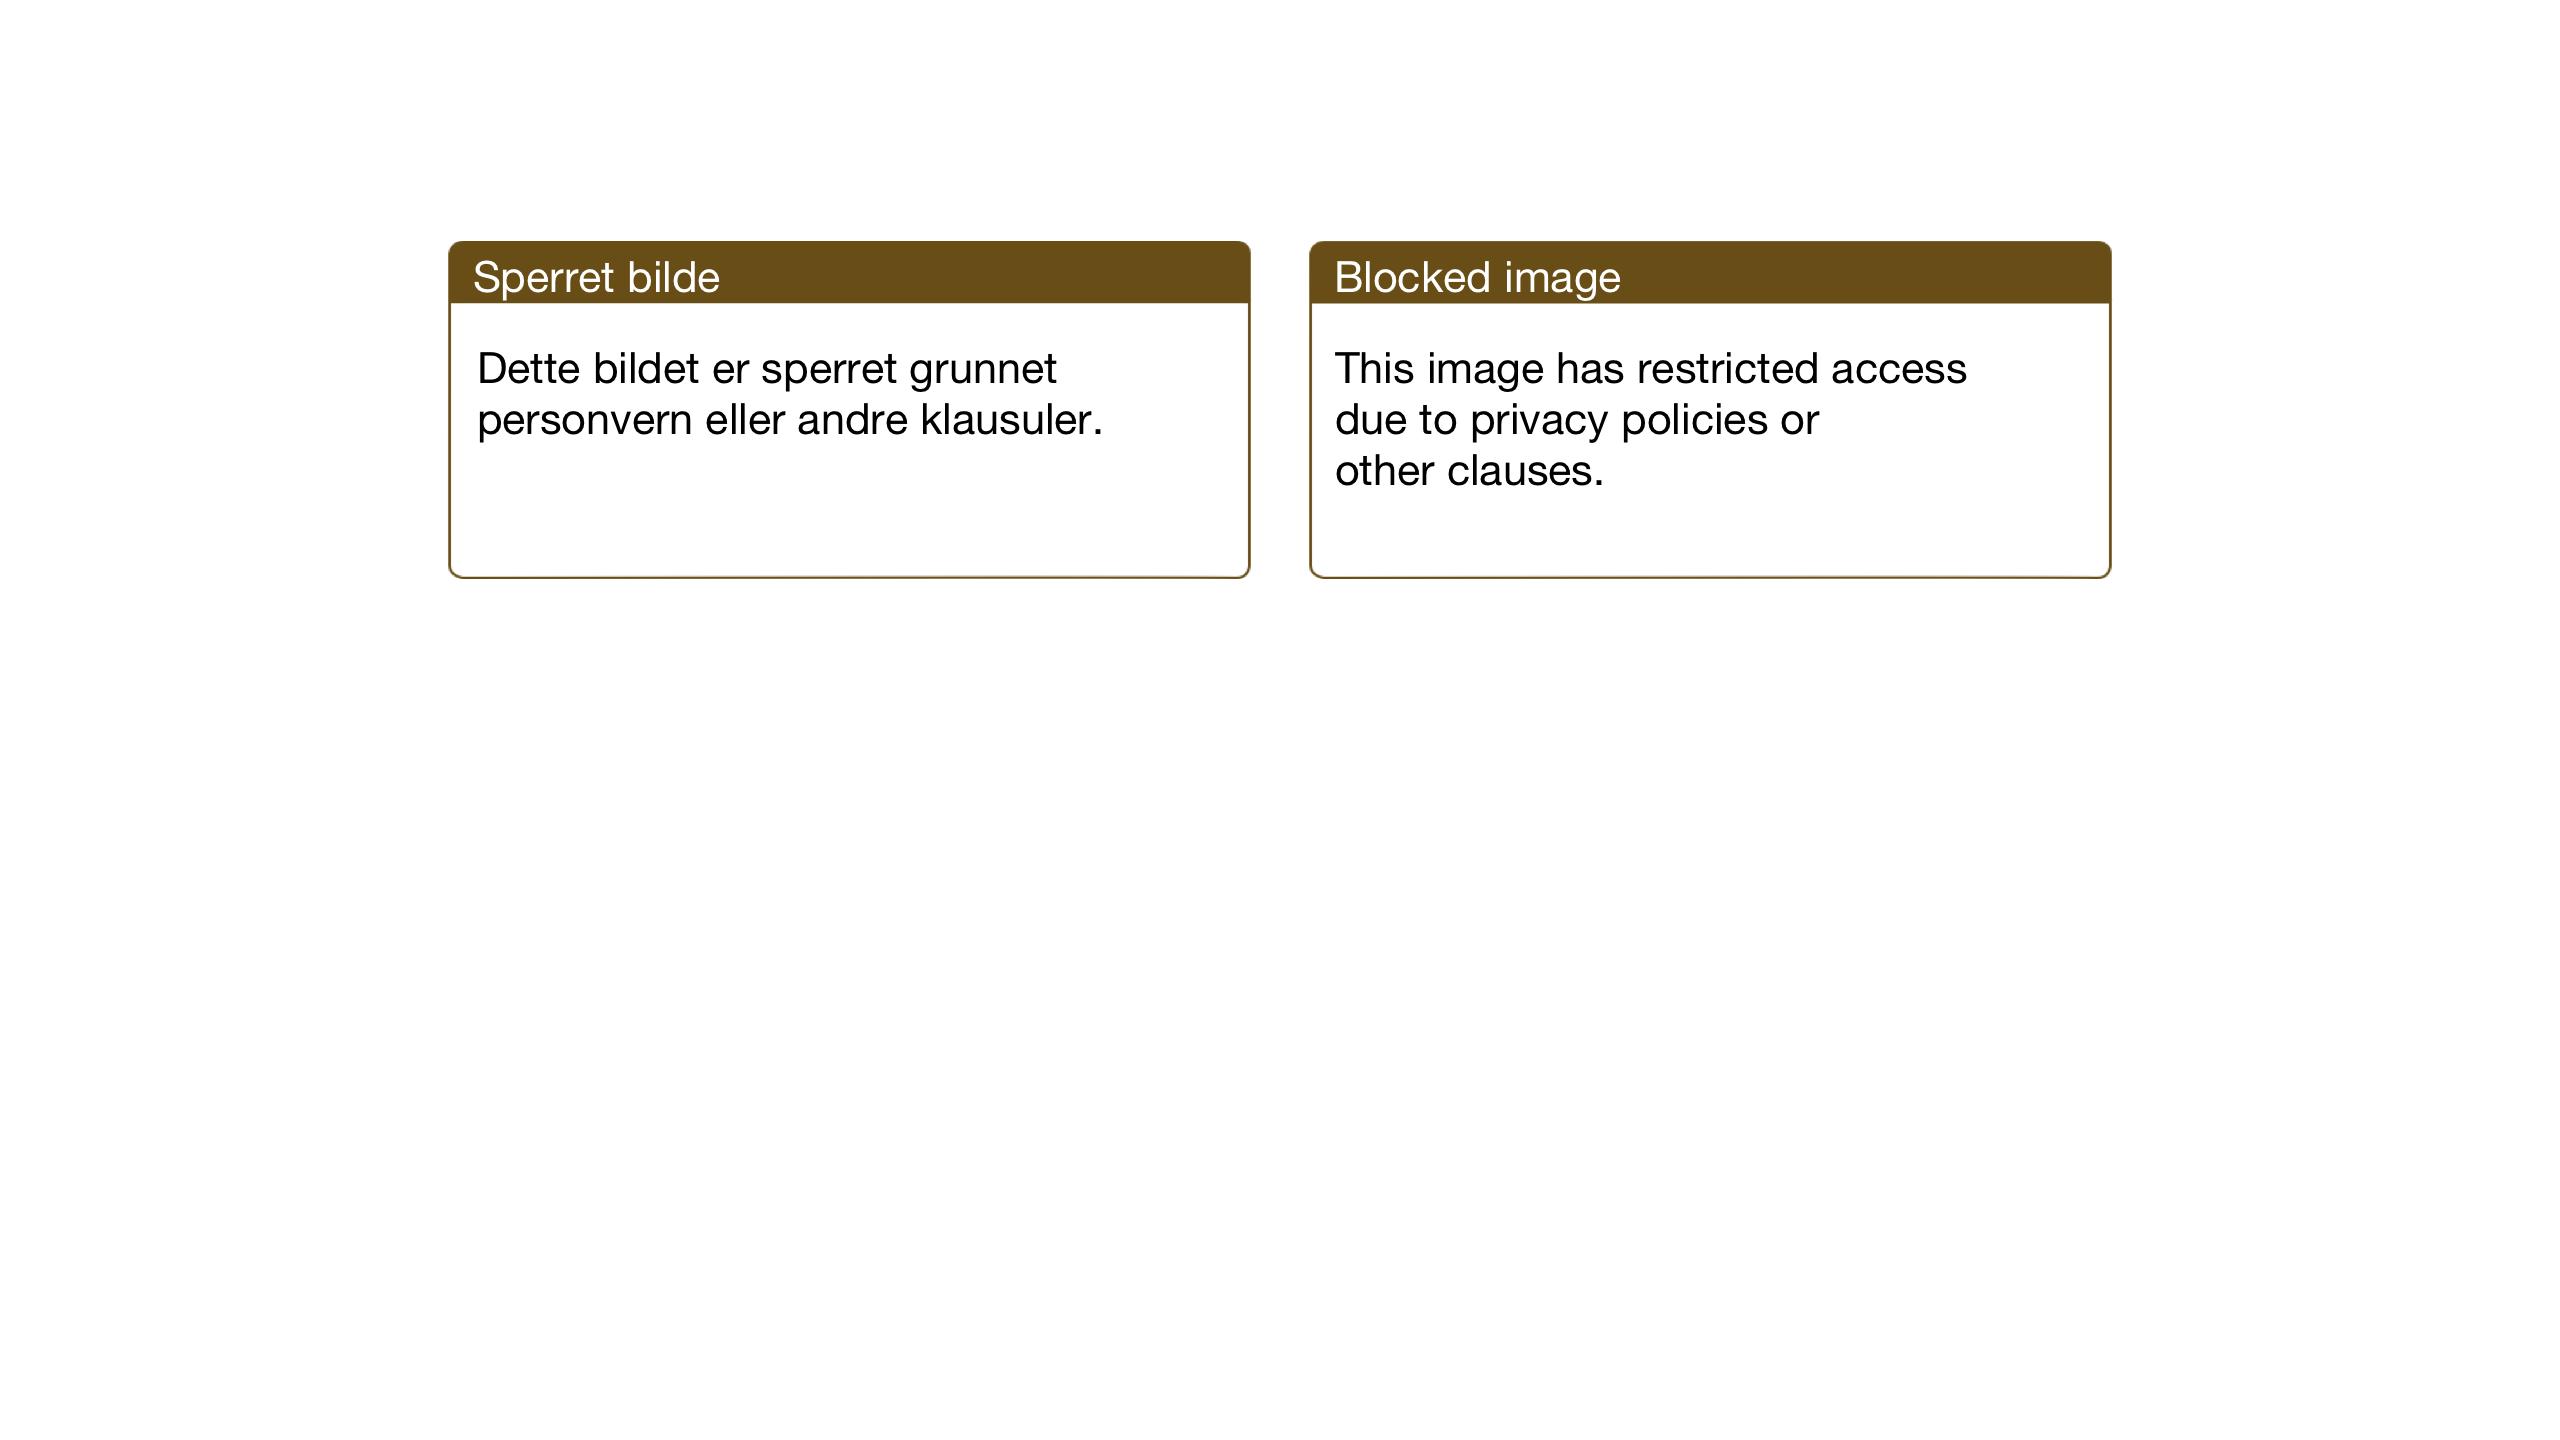 SAT, Ministerialprotokoller, klokkerbøker og fødselsregistre - Sør-Trøndelag, 638/L0569: Klokkerbok nr. 638C01, 1923-1961, s. 133